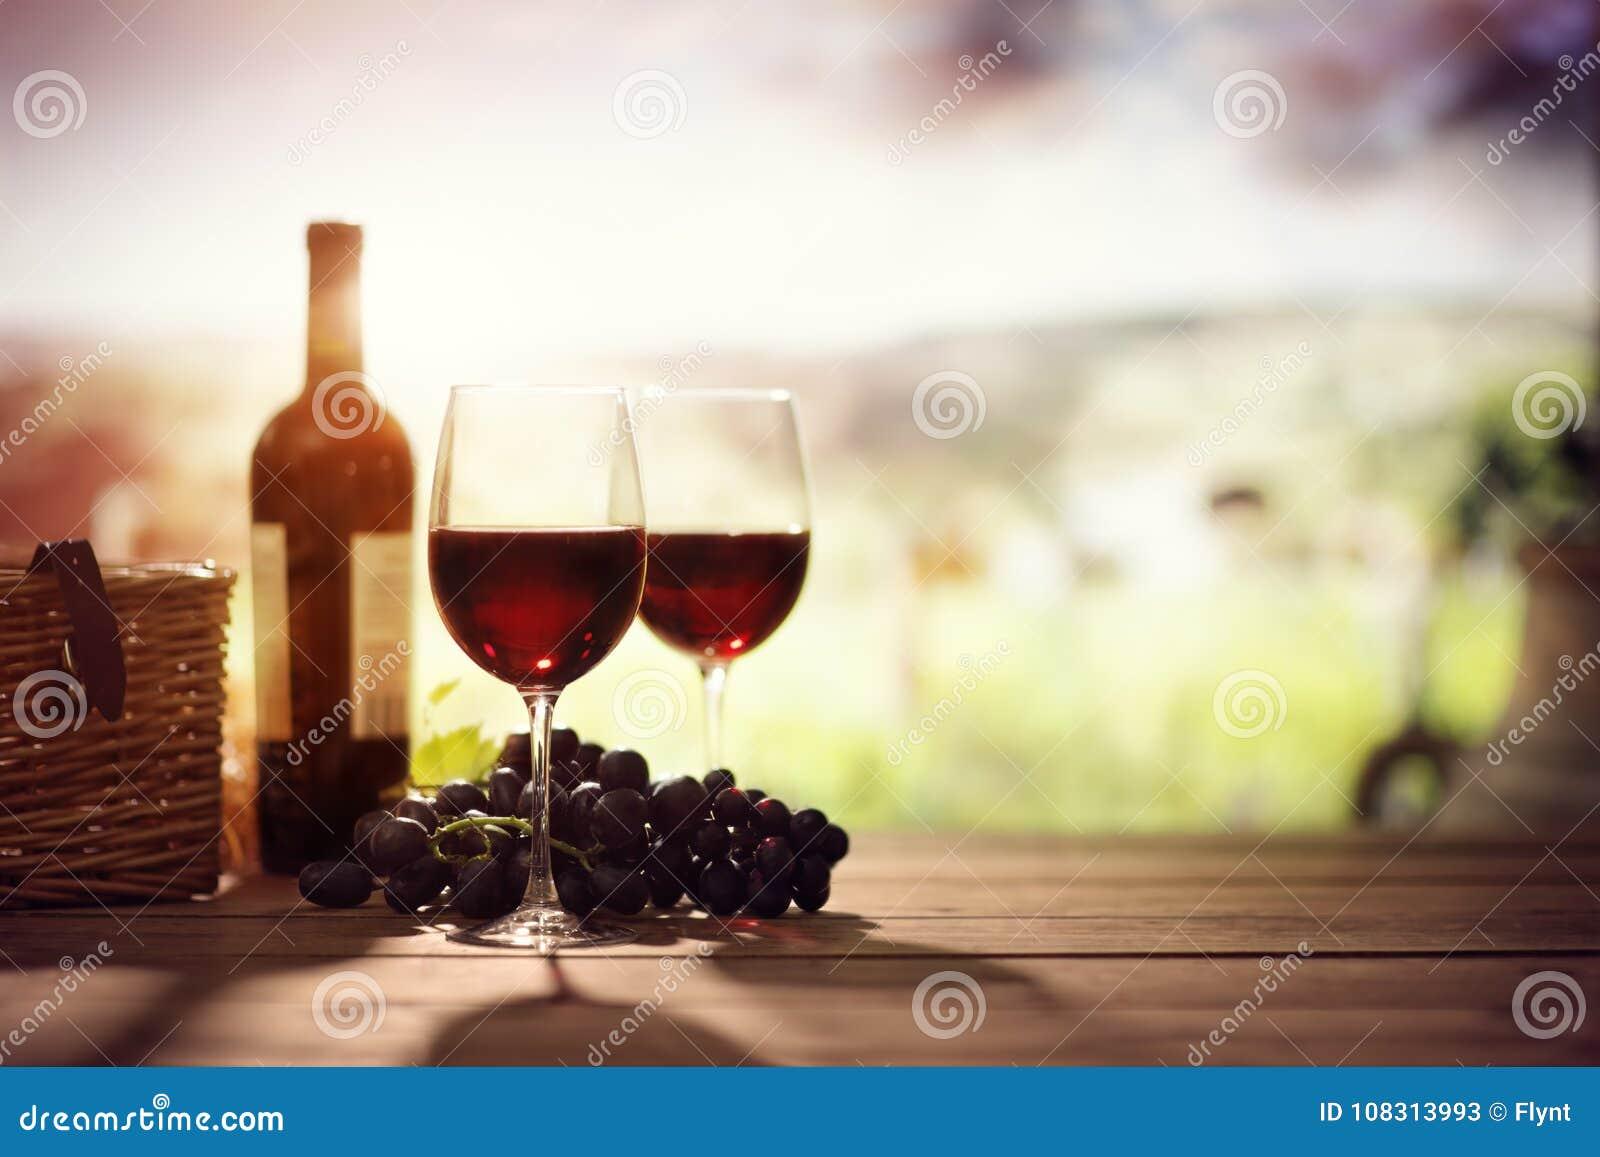 红葡萄酒瓶和玻璃在桌上在葡萄园托斯卡纳意大利里